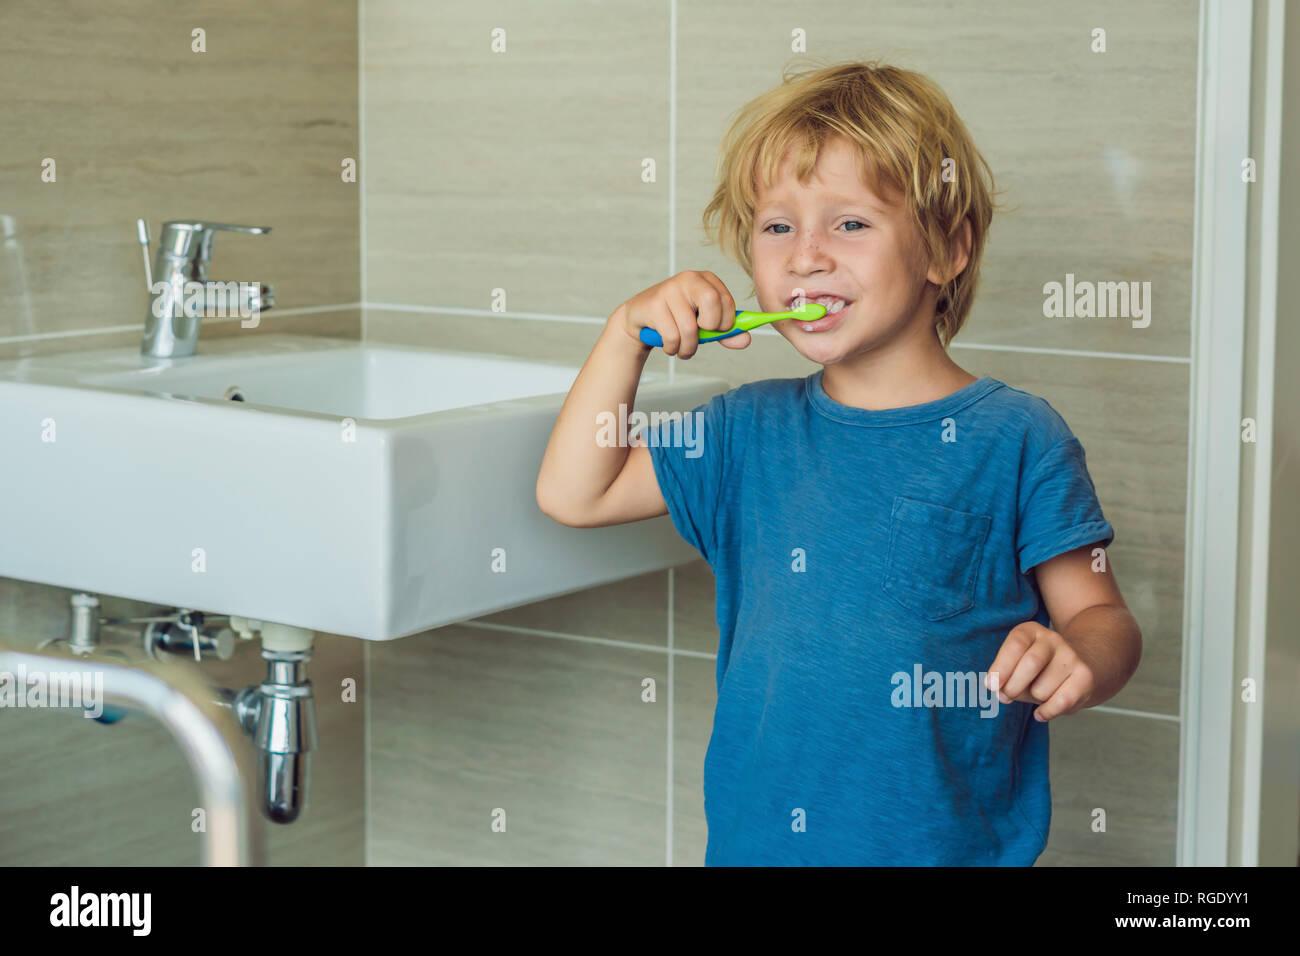 Petite blonde boy learning se brosser les dents dans la baignoire. Kid apprendre à rester en bonne santé. Concept de soins de santé Banque D'Images